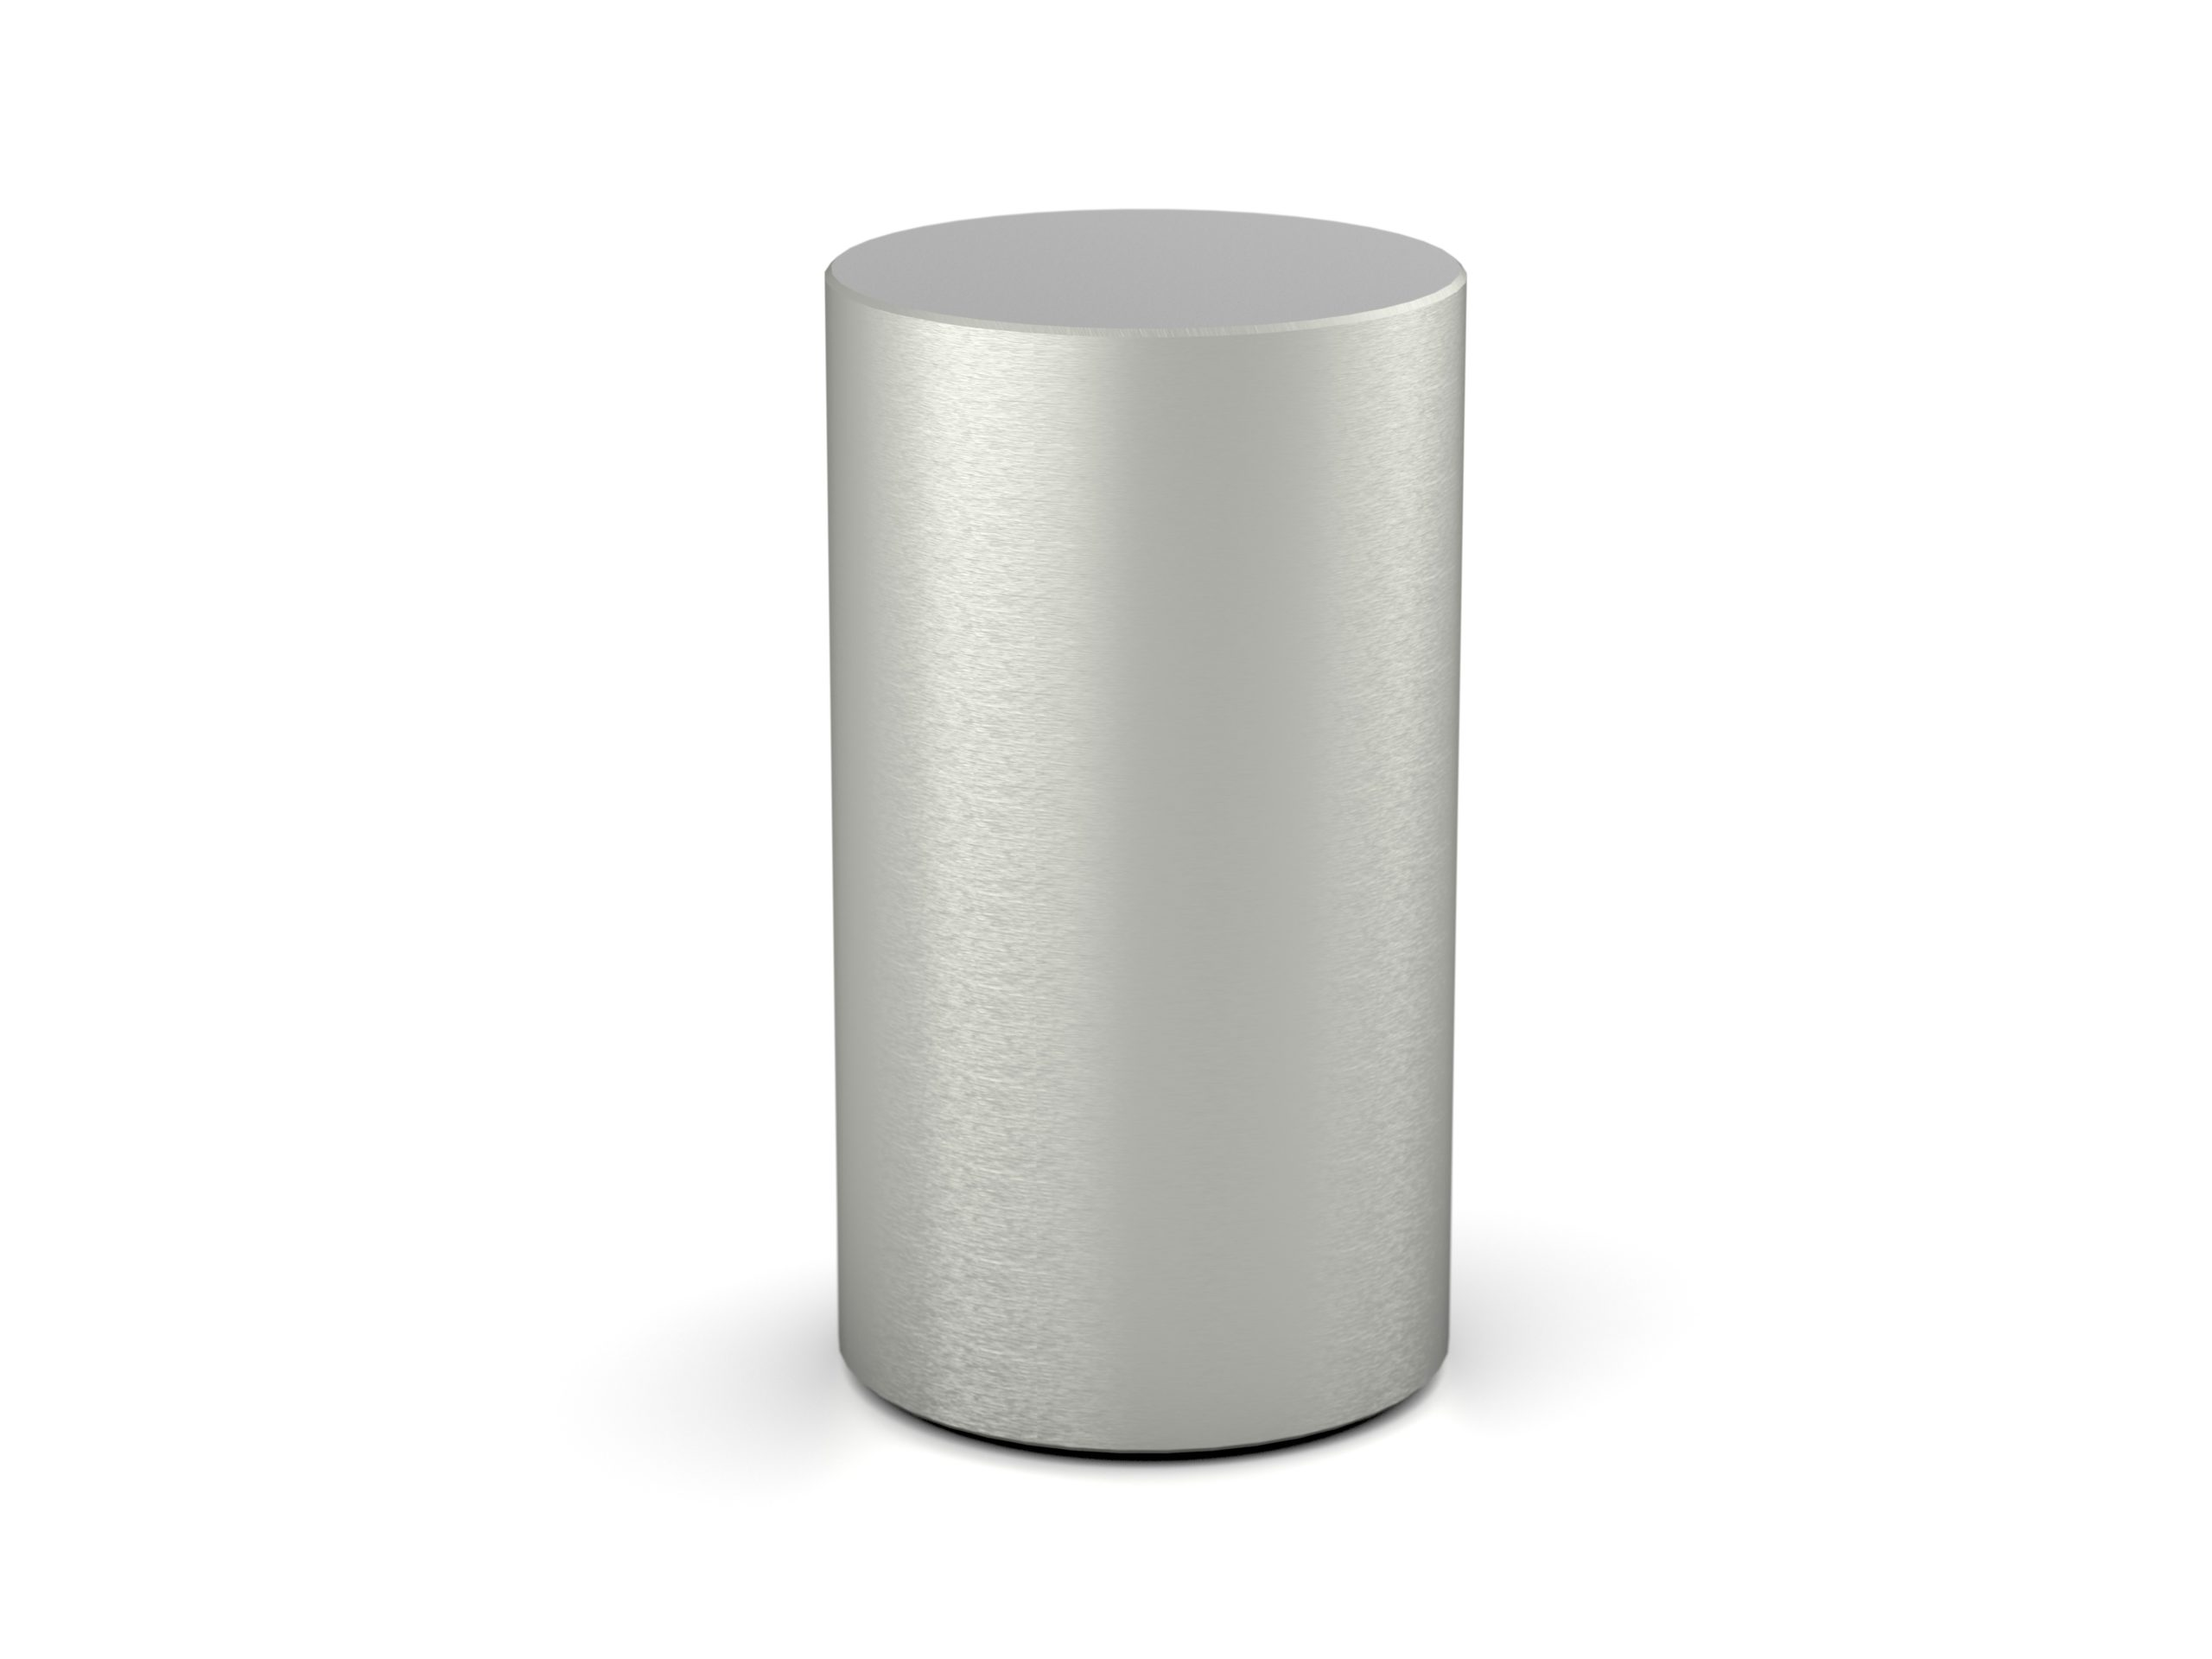 RVS urn cilinder rond